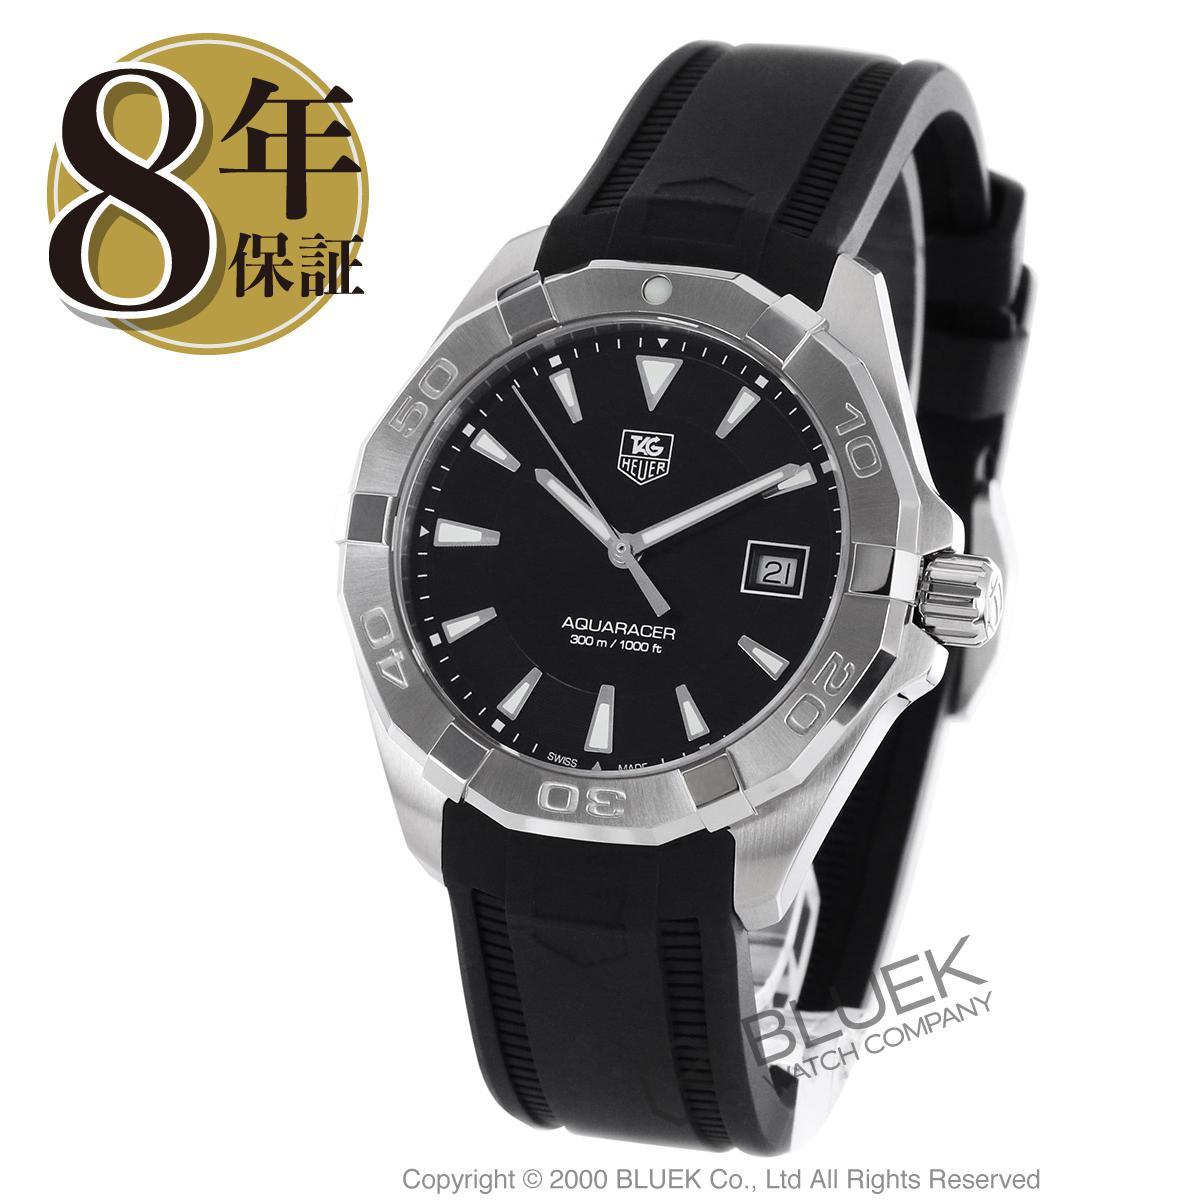 タグホイヤー TAG Heuer 腕時計 アクアレーサー 300m防水 メンズ WAY1110.FT8021_8